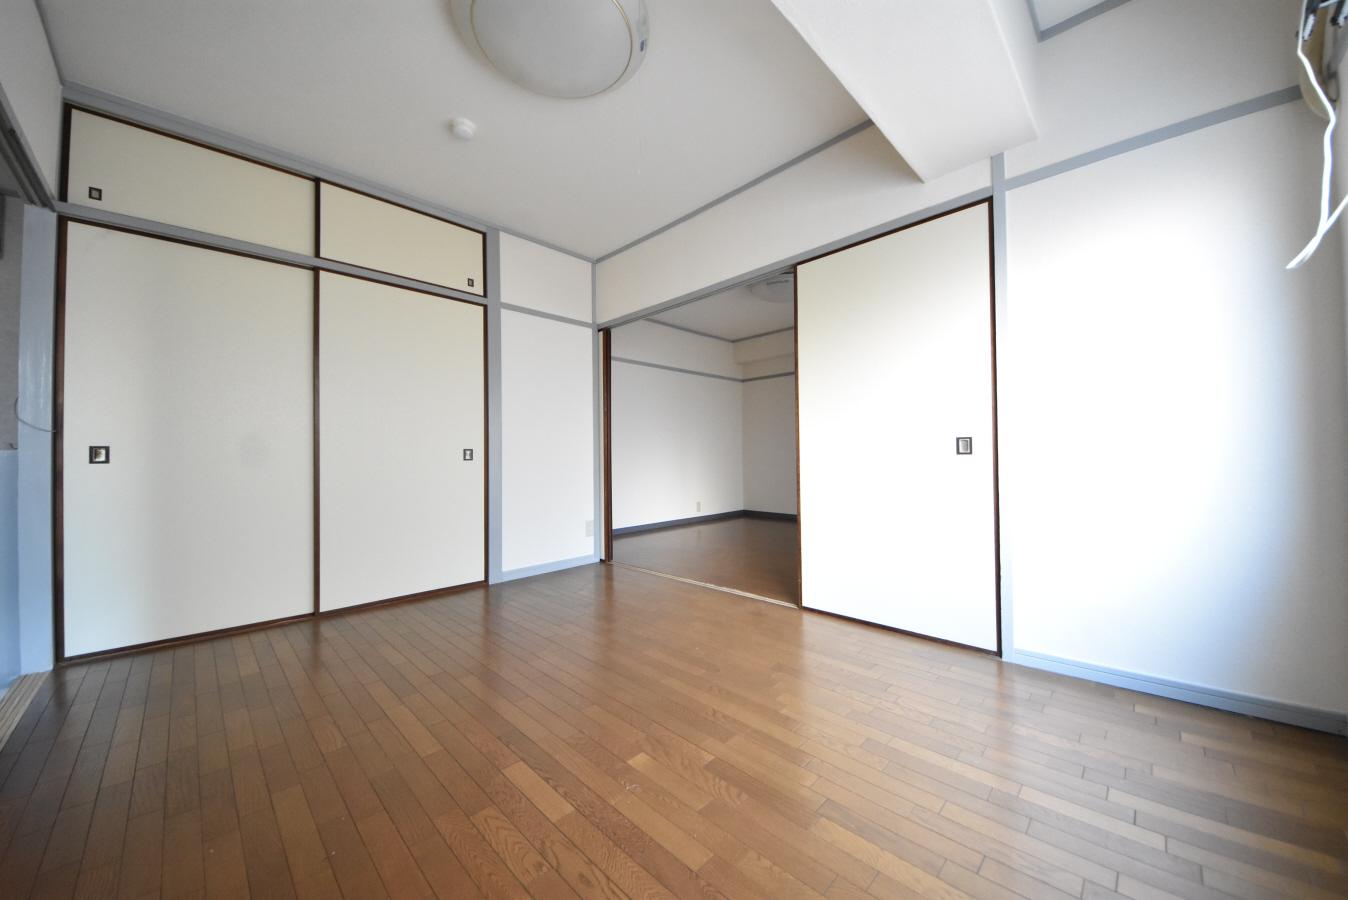 物件番号: 1025884057 パレスマンション  神戸市中央区中山手通2丁目 2DK マンション 画像1